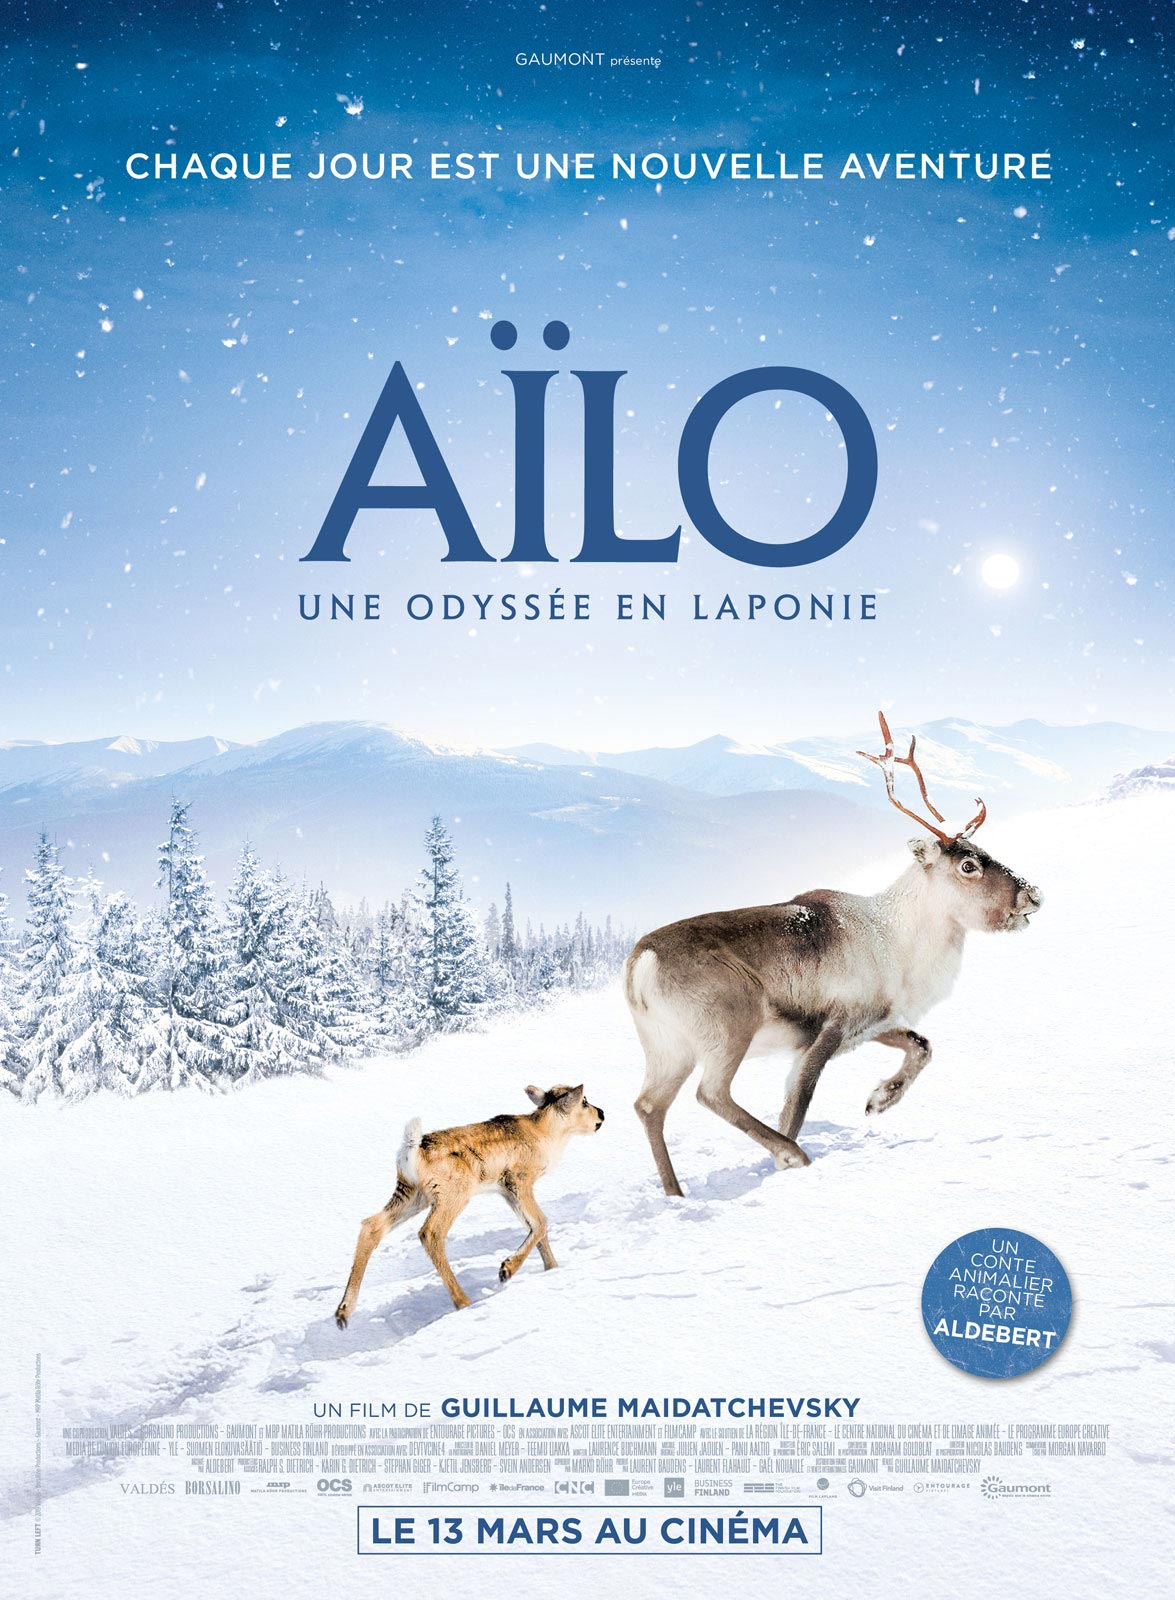 Aïlo une odyssée en laponie_Cristal-Publishing